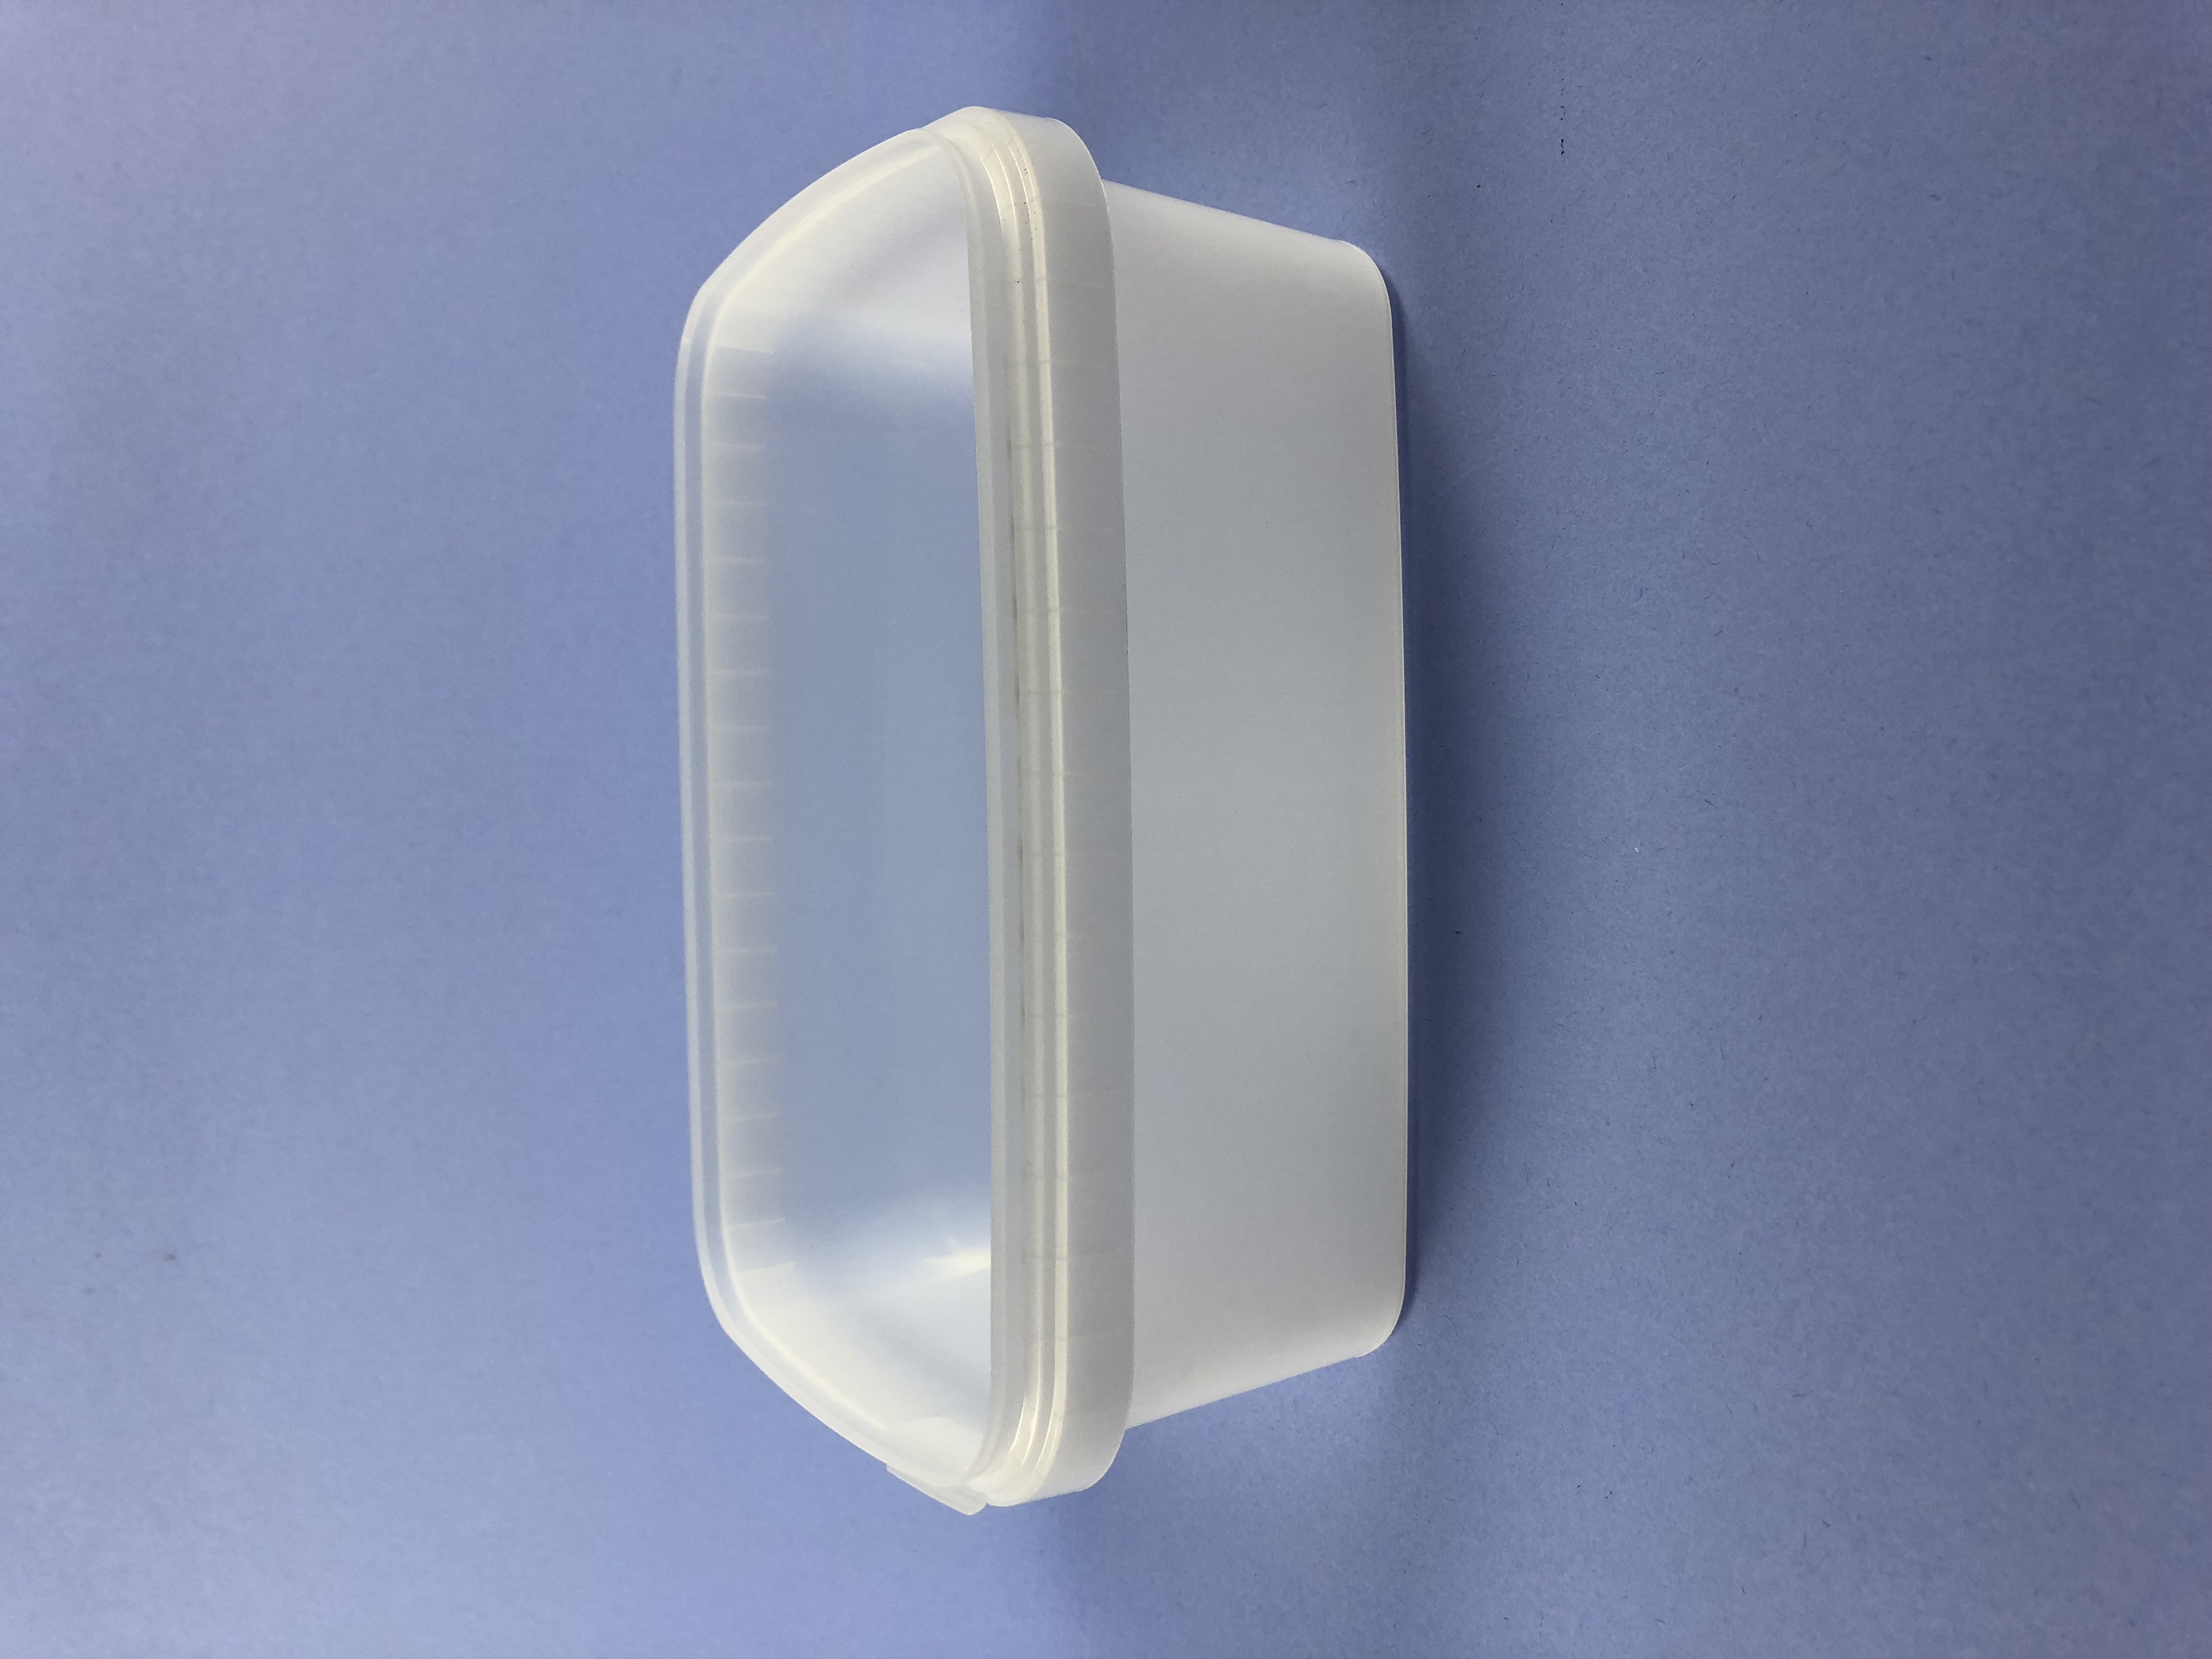 PC1R - 1 LITRE ICECREAM CONTAINER - Bristol Plastics ...